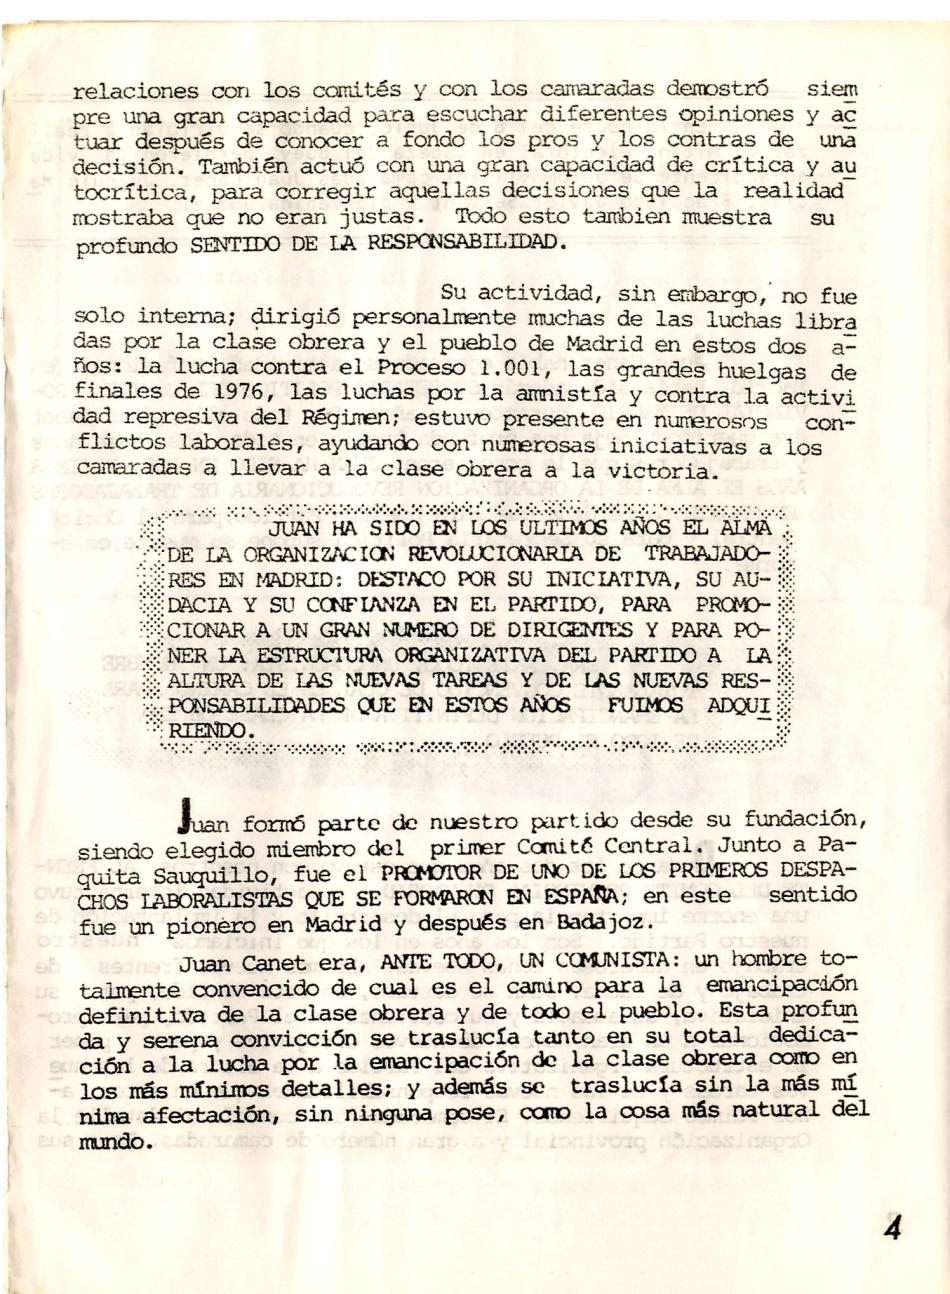 Juan Canet kolat, abogado. Secretario General de Madrid ORT. Miembro del CC de la ORT. Falleció en accidente de tráfico en tierras de Extremadura, cuando iba a participar en un mitin de la Candidatura de los Trabajadores en 1979